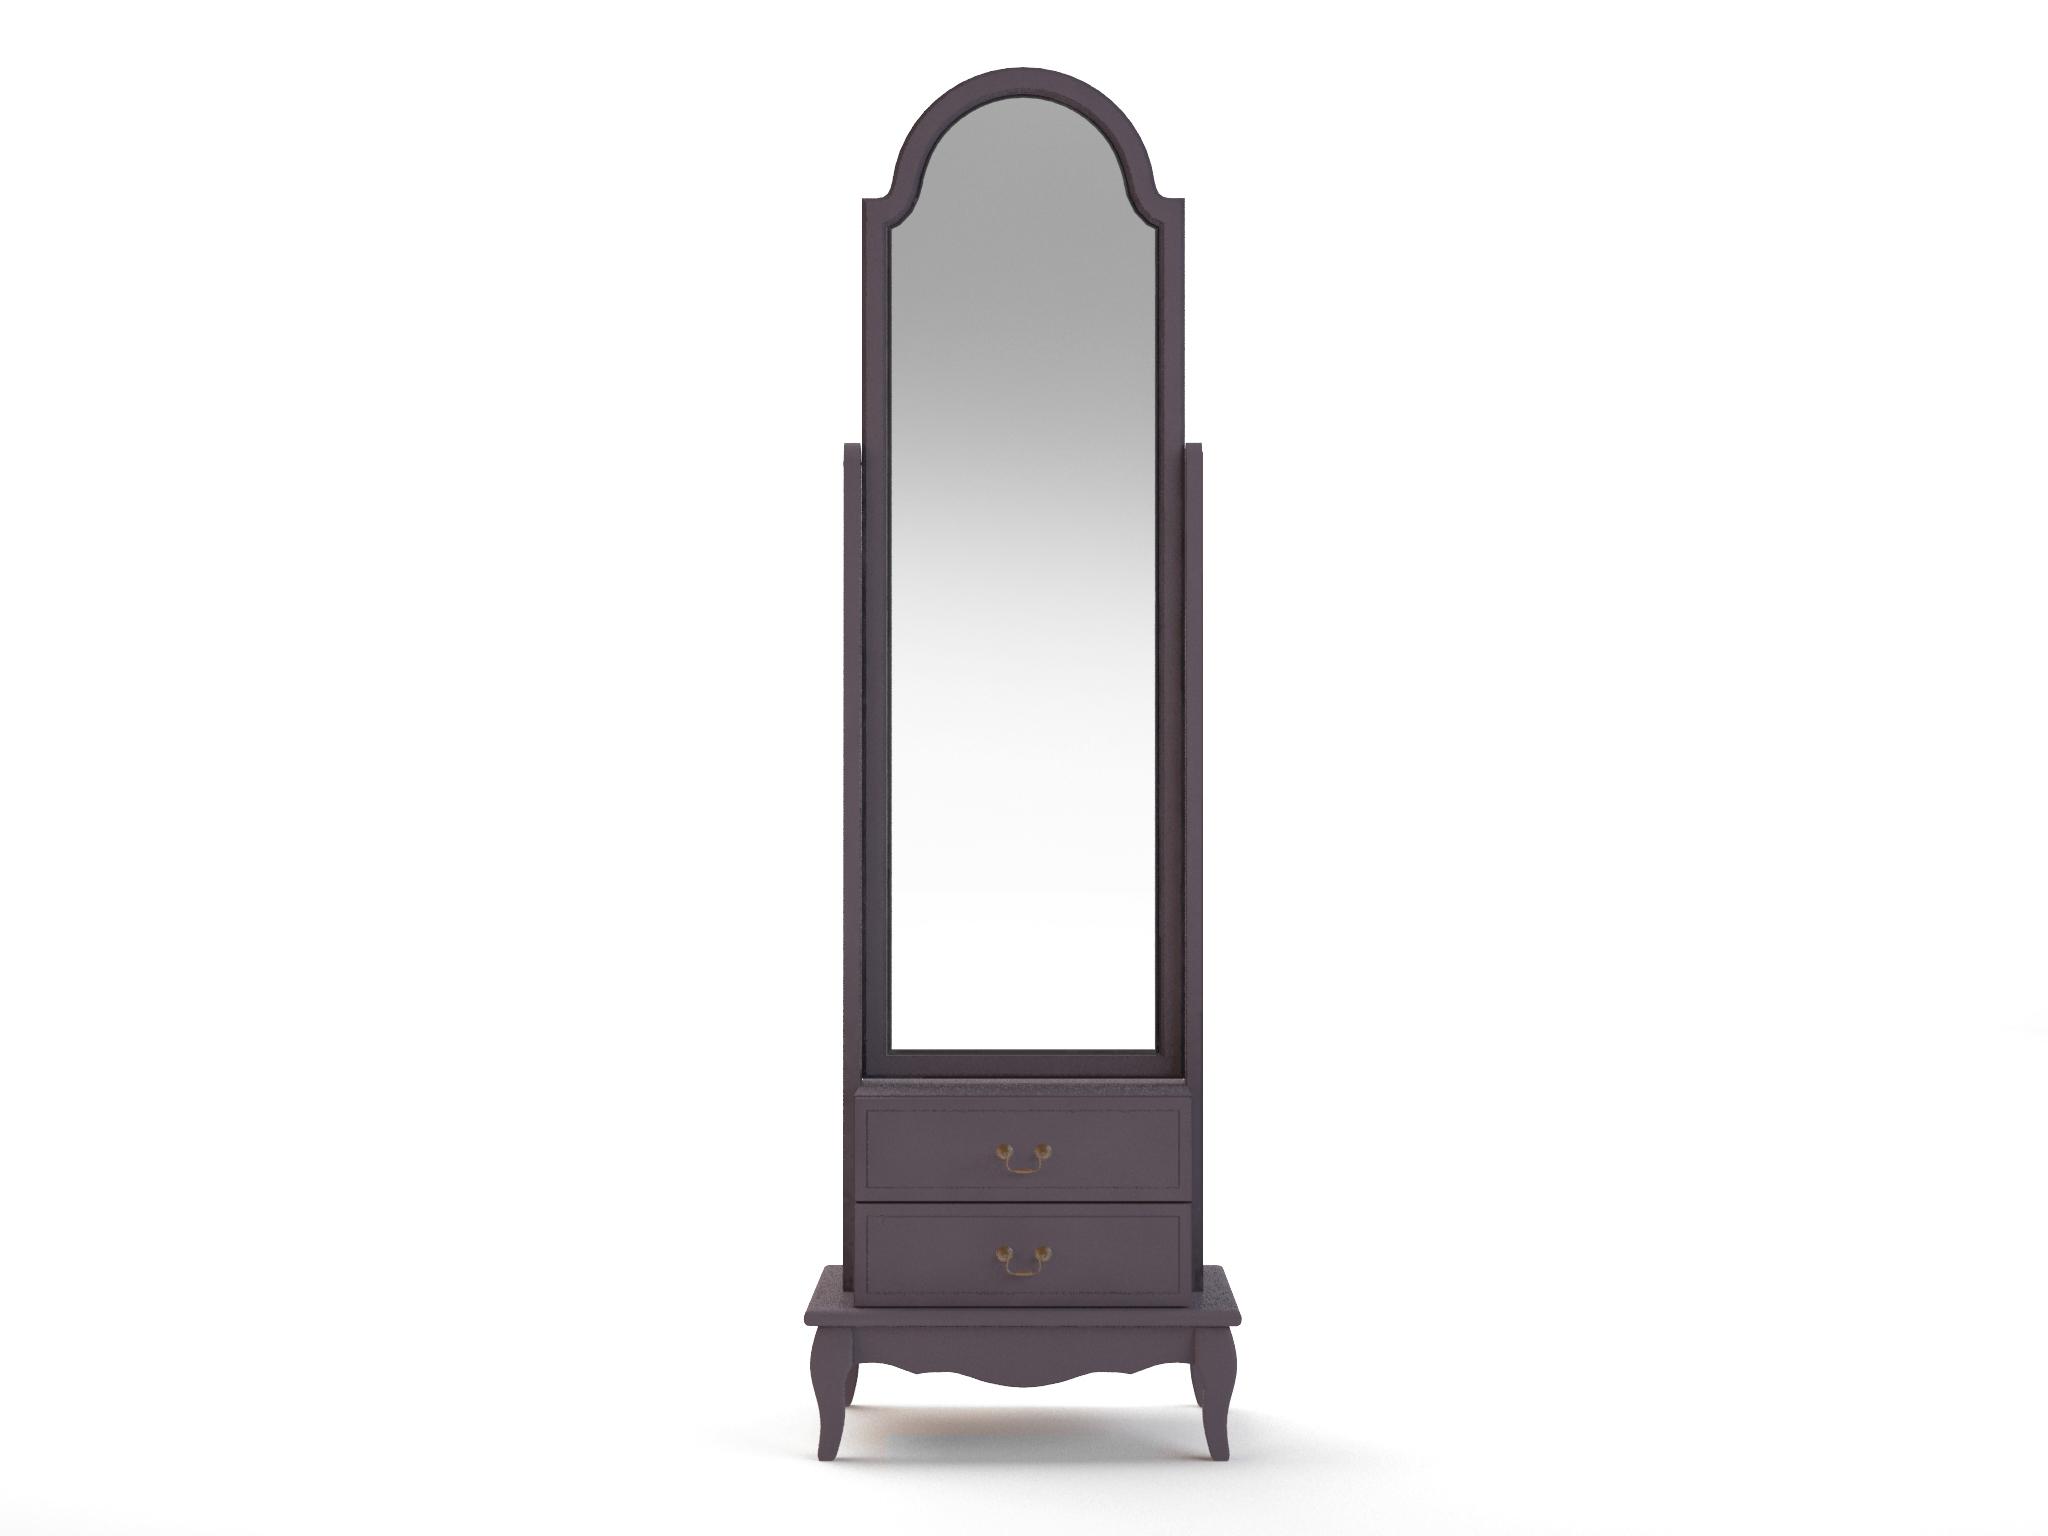 Зеркало напольное Leontina lavandaНапольные зеркала<br>Материал: массив березы, массив ясеня,&amp;lt;div&amp;gt;Вес: 25  кг.&amp;lt;/div&amp;gt;<br><br>Material: Береза<br>Ширина см: 53<br>Высота см: 172<br>Глубина см: 36